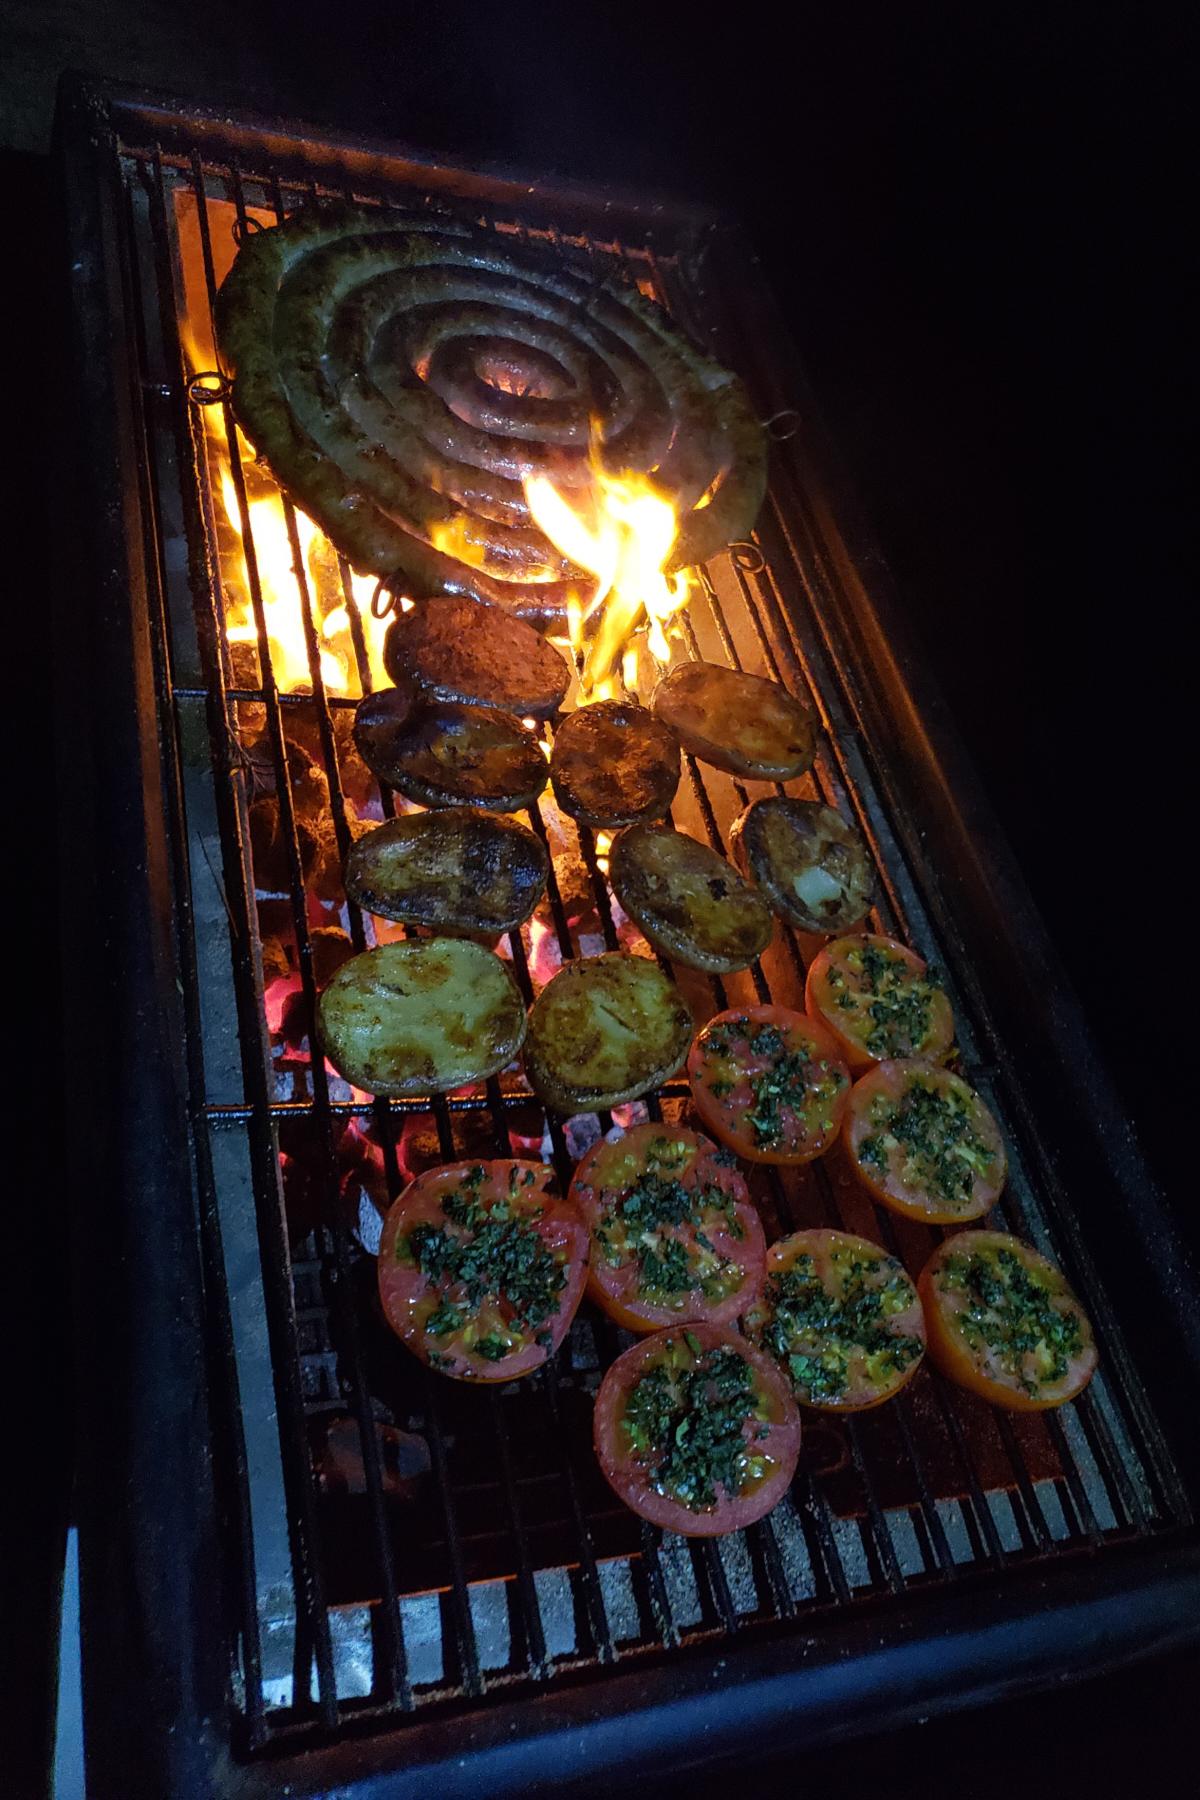 BBQ at Foul Beach